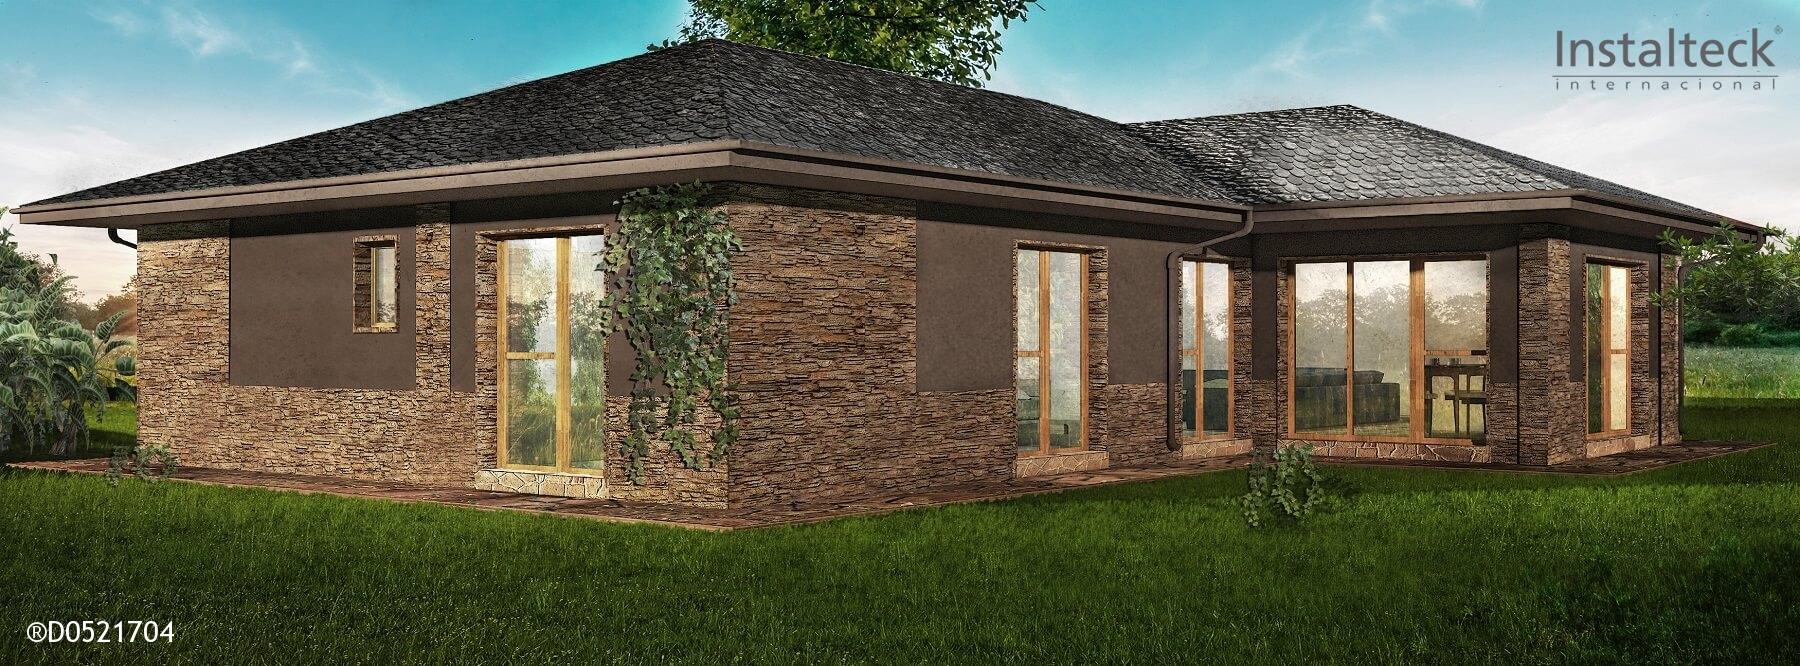 Casa prefabricada in teck 186 instalteckinstalteck for Modelos de casas prefabricadas